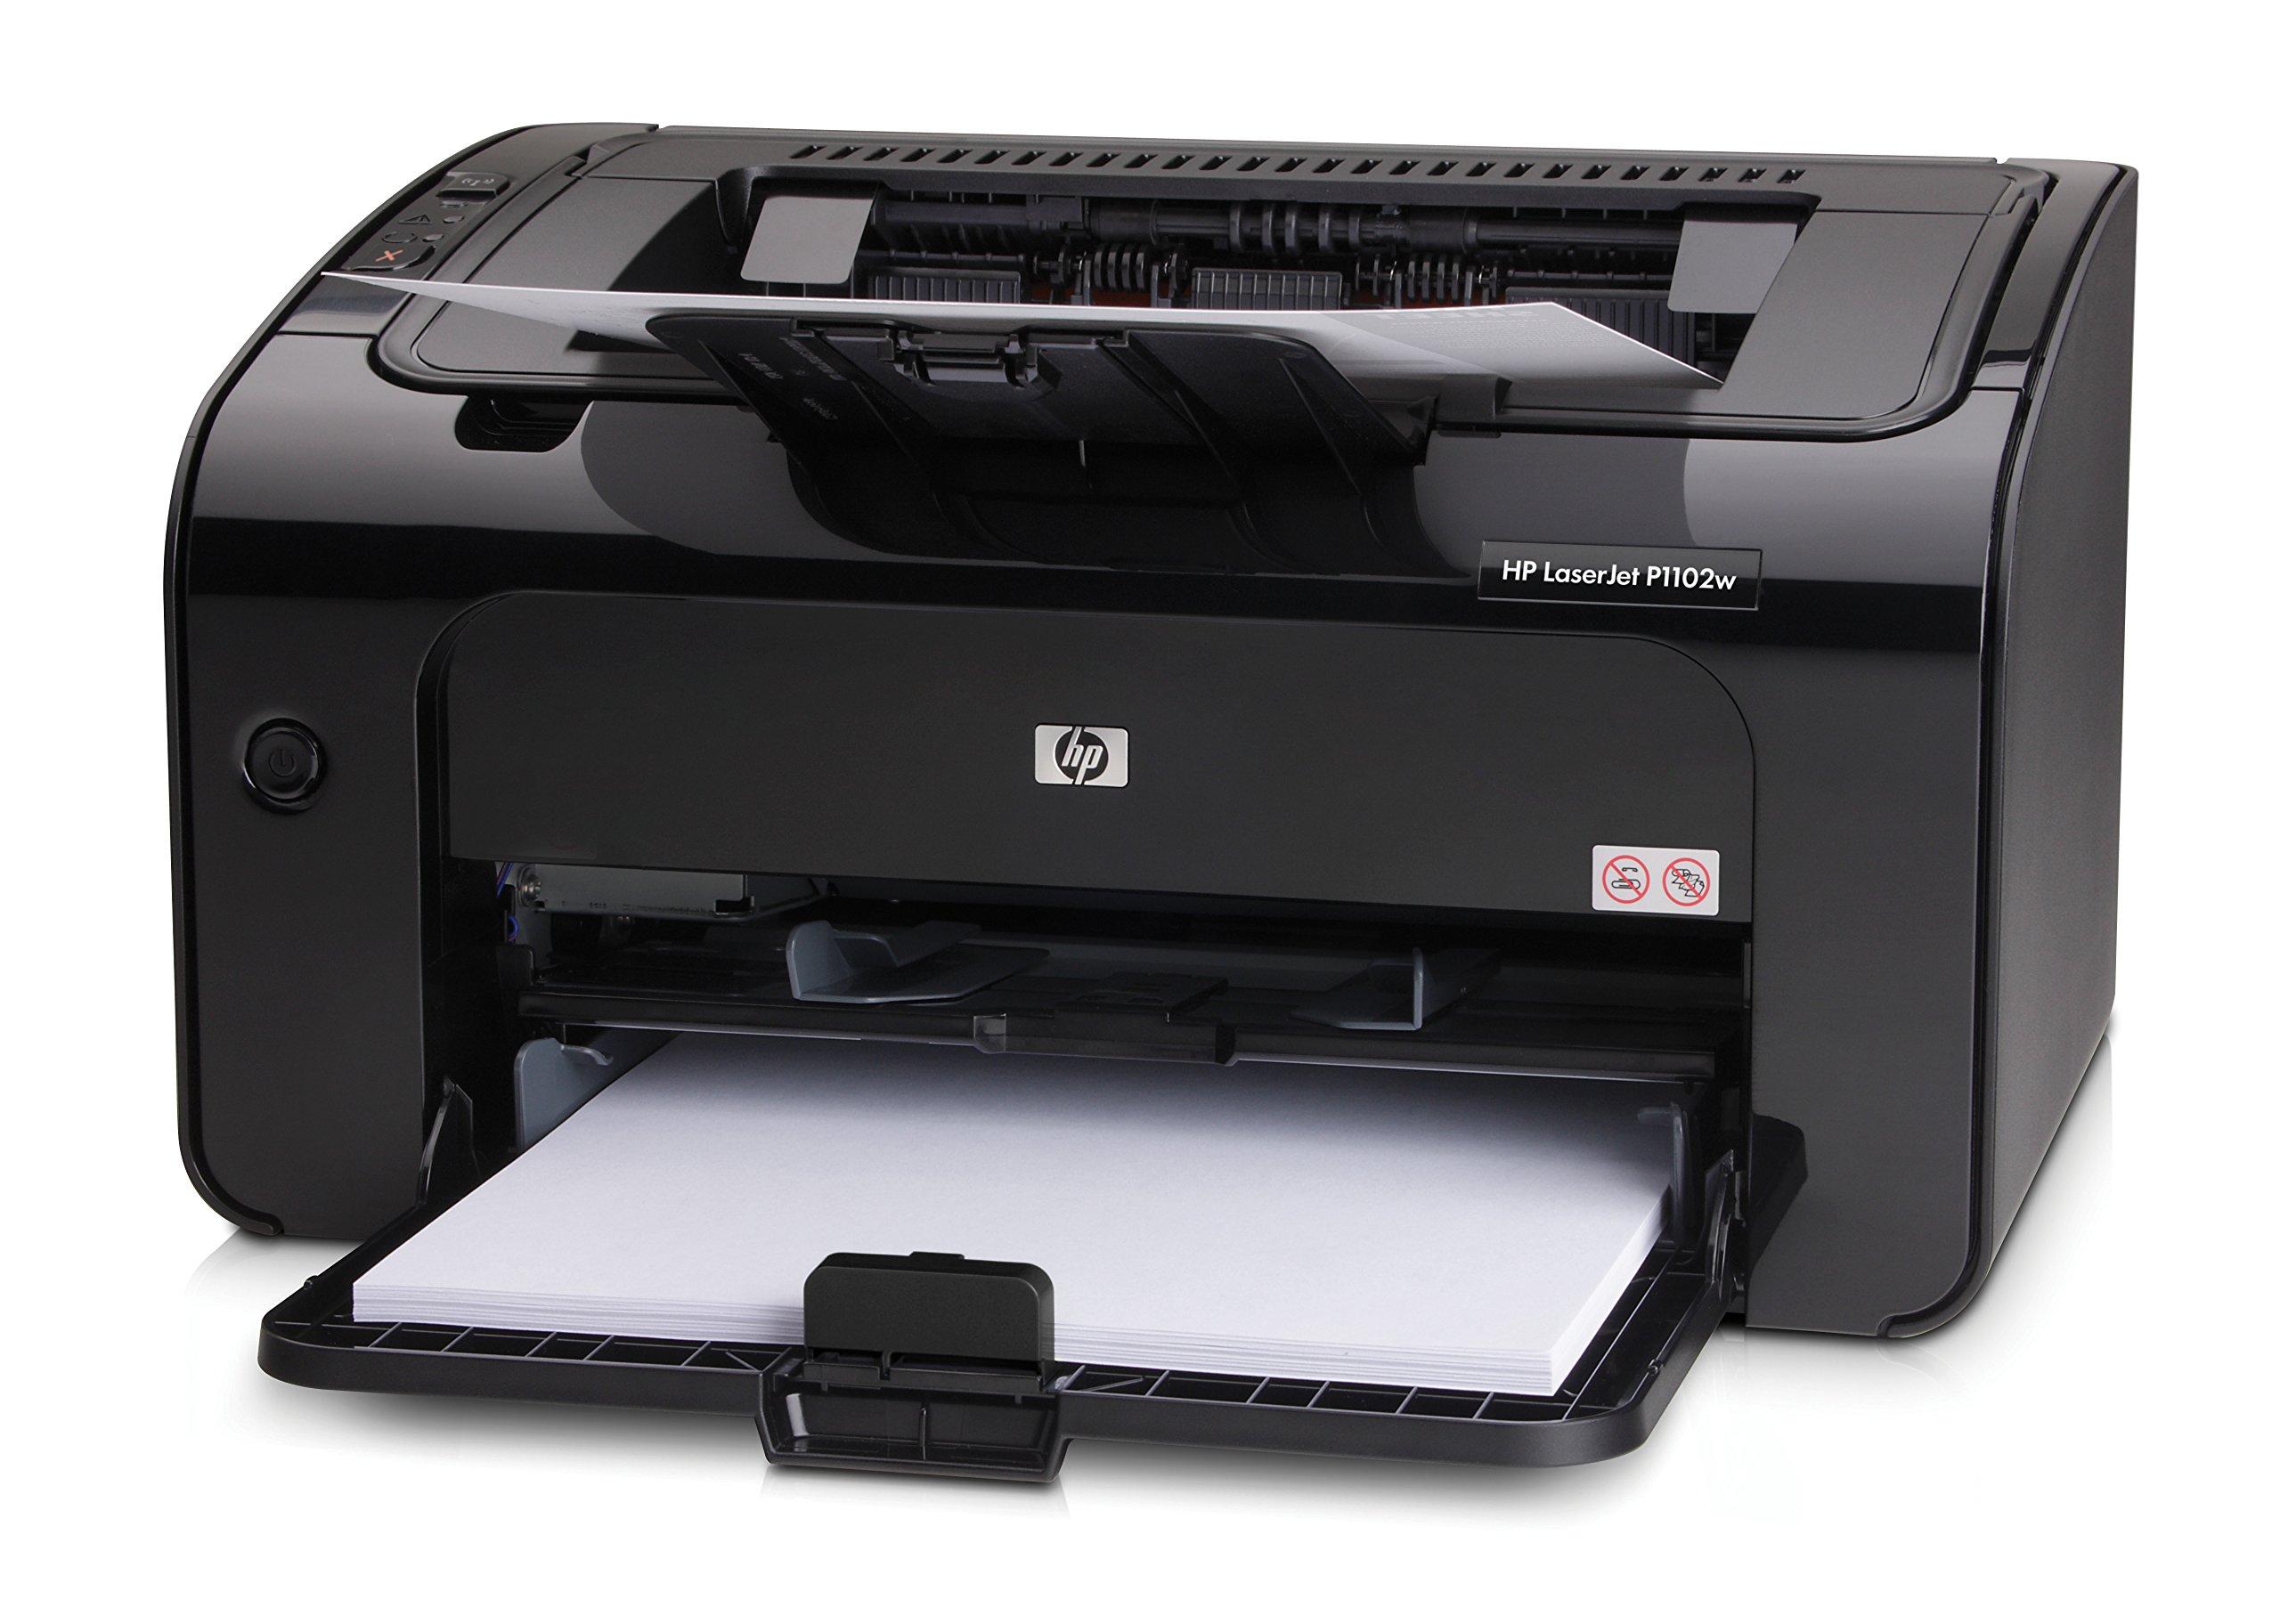 HP LaserJet Pro P1102w Wireless Laser Printer (CE658A) by HP (Image #2)